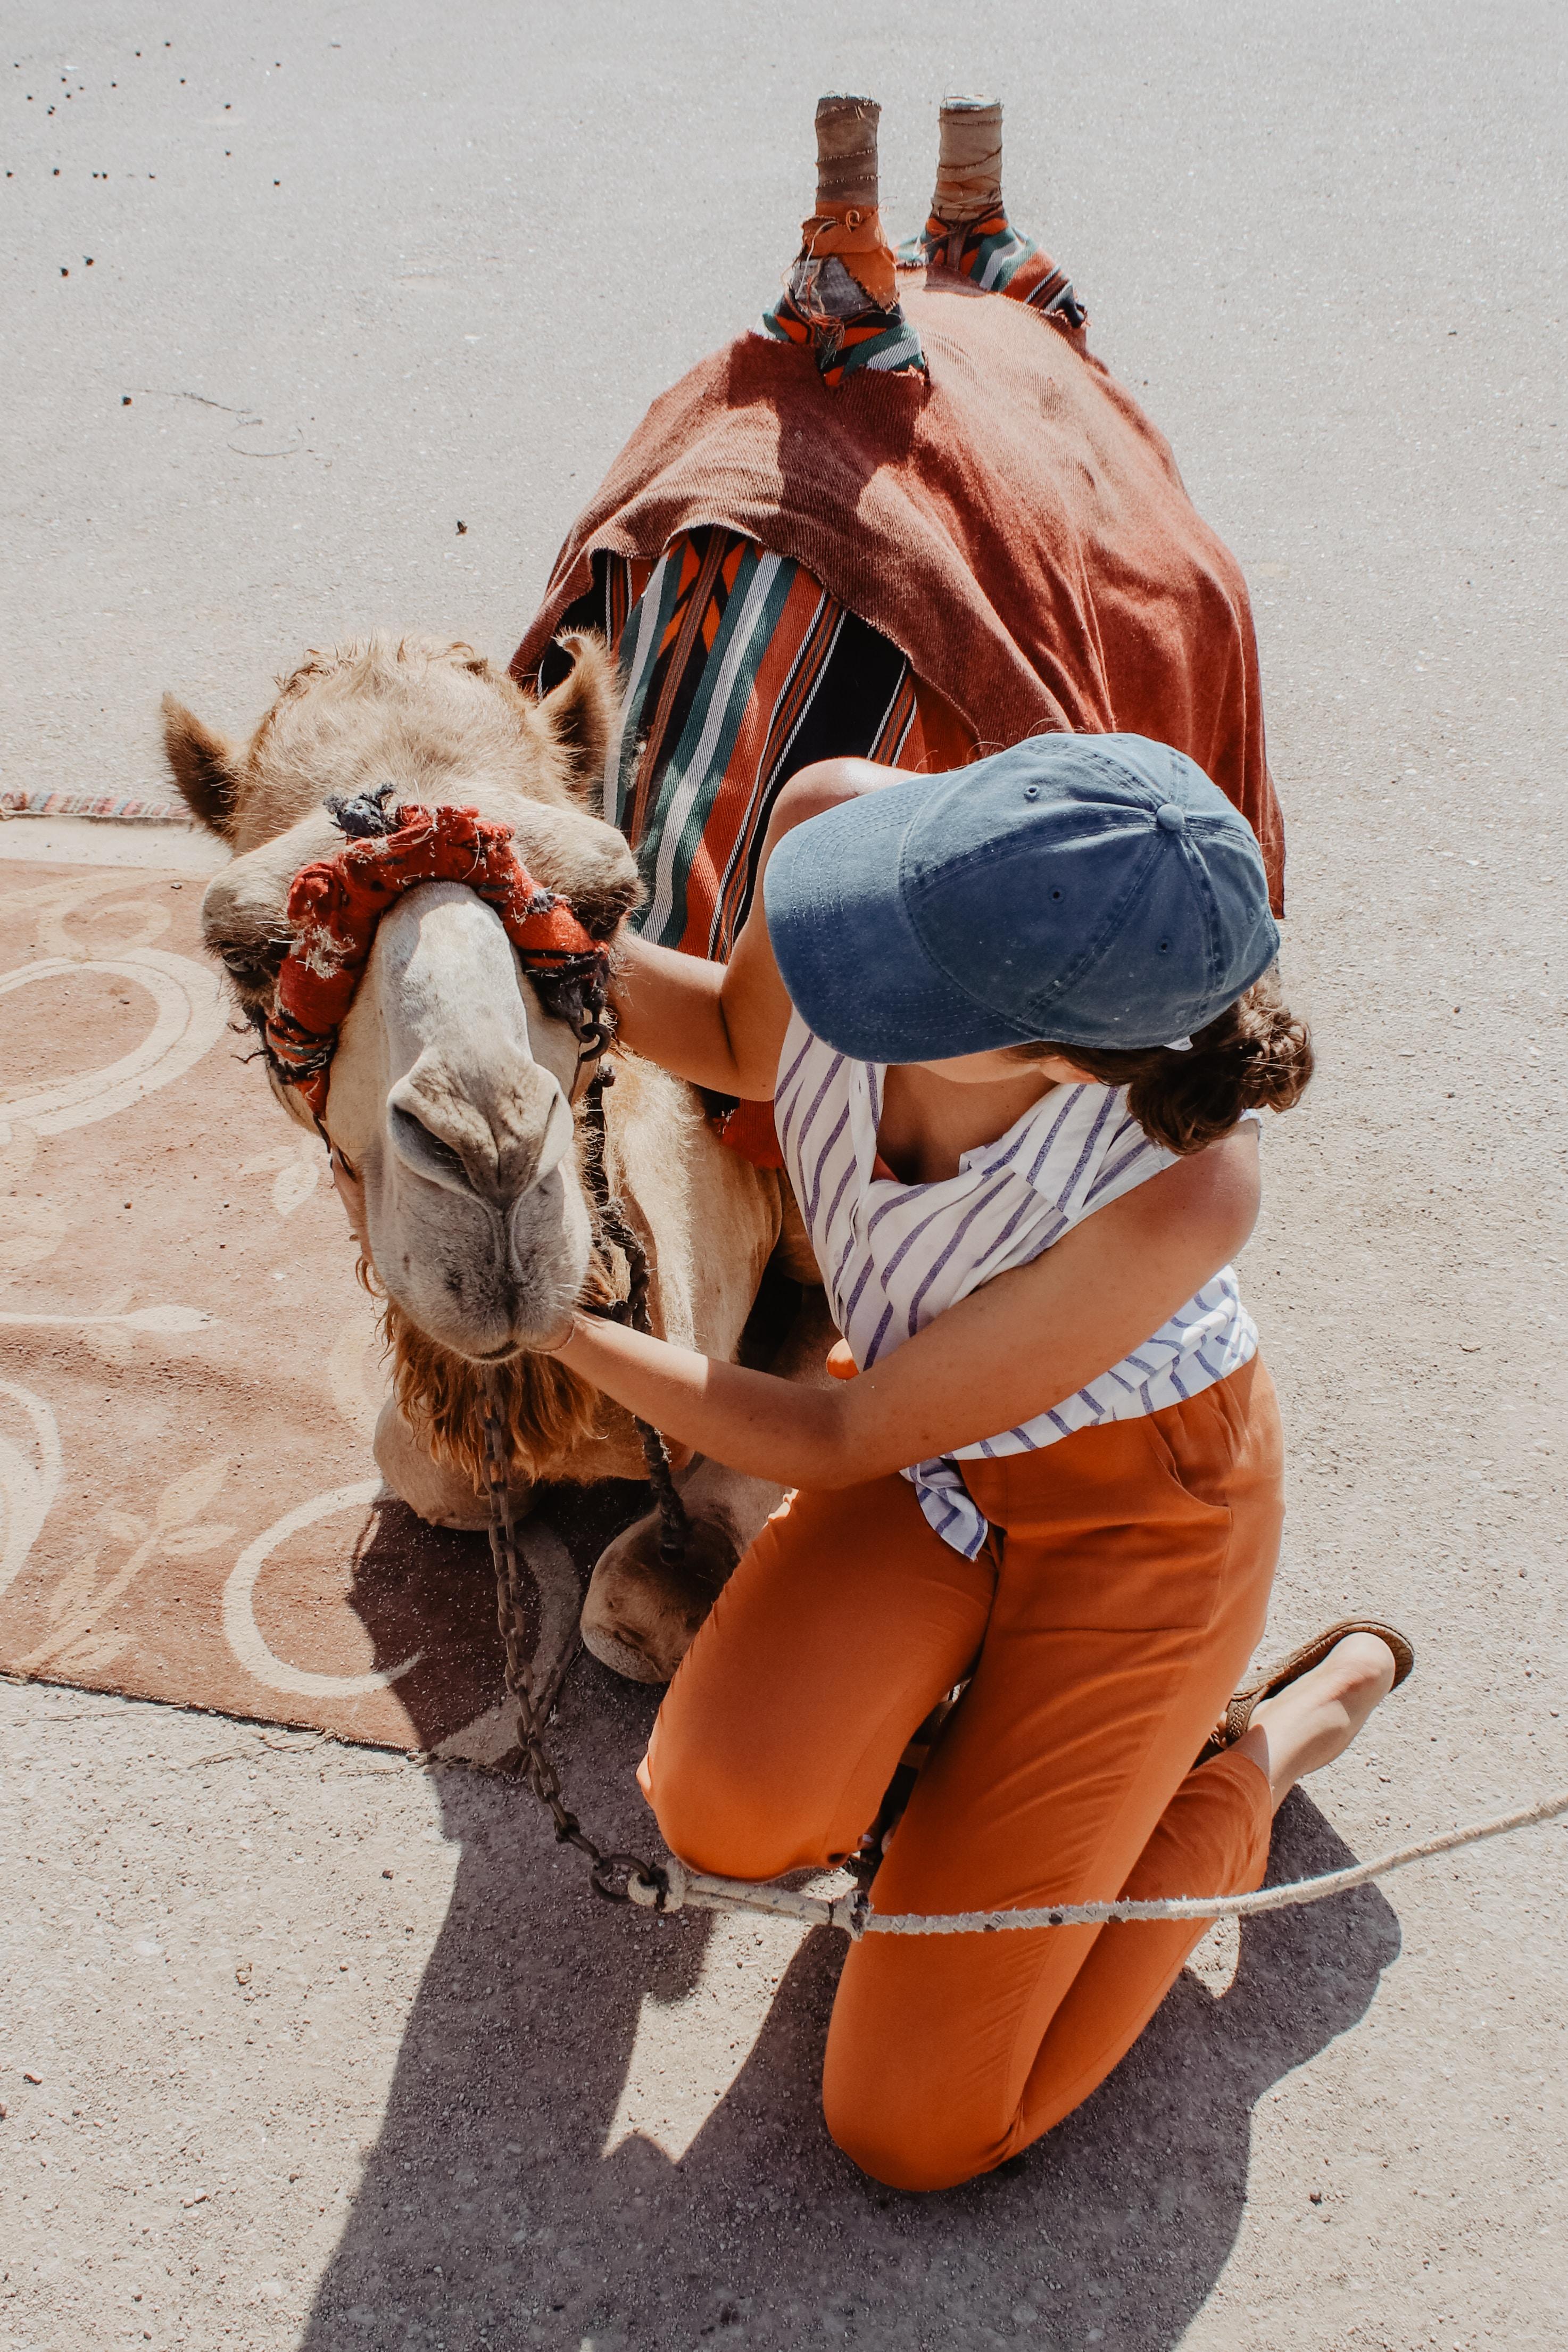 woman kneeling on ground beside brown camel